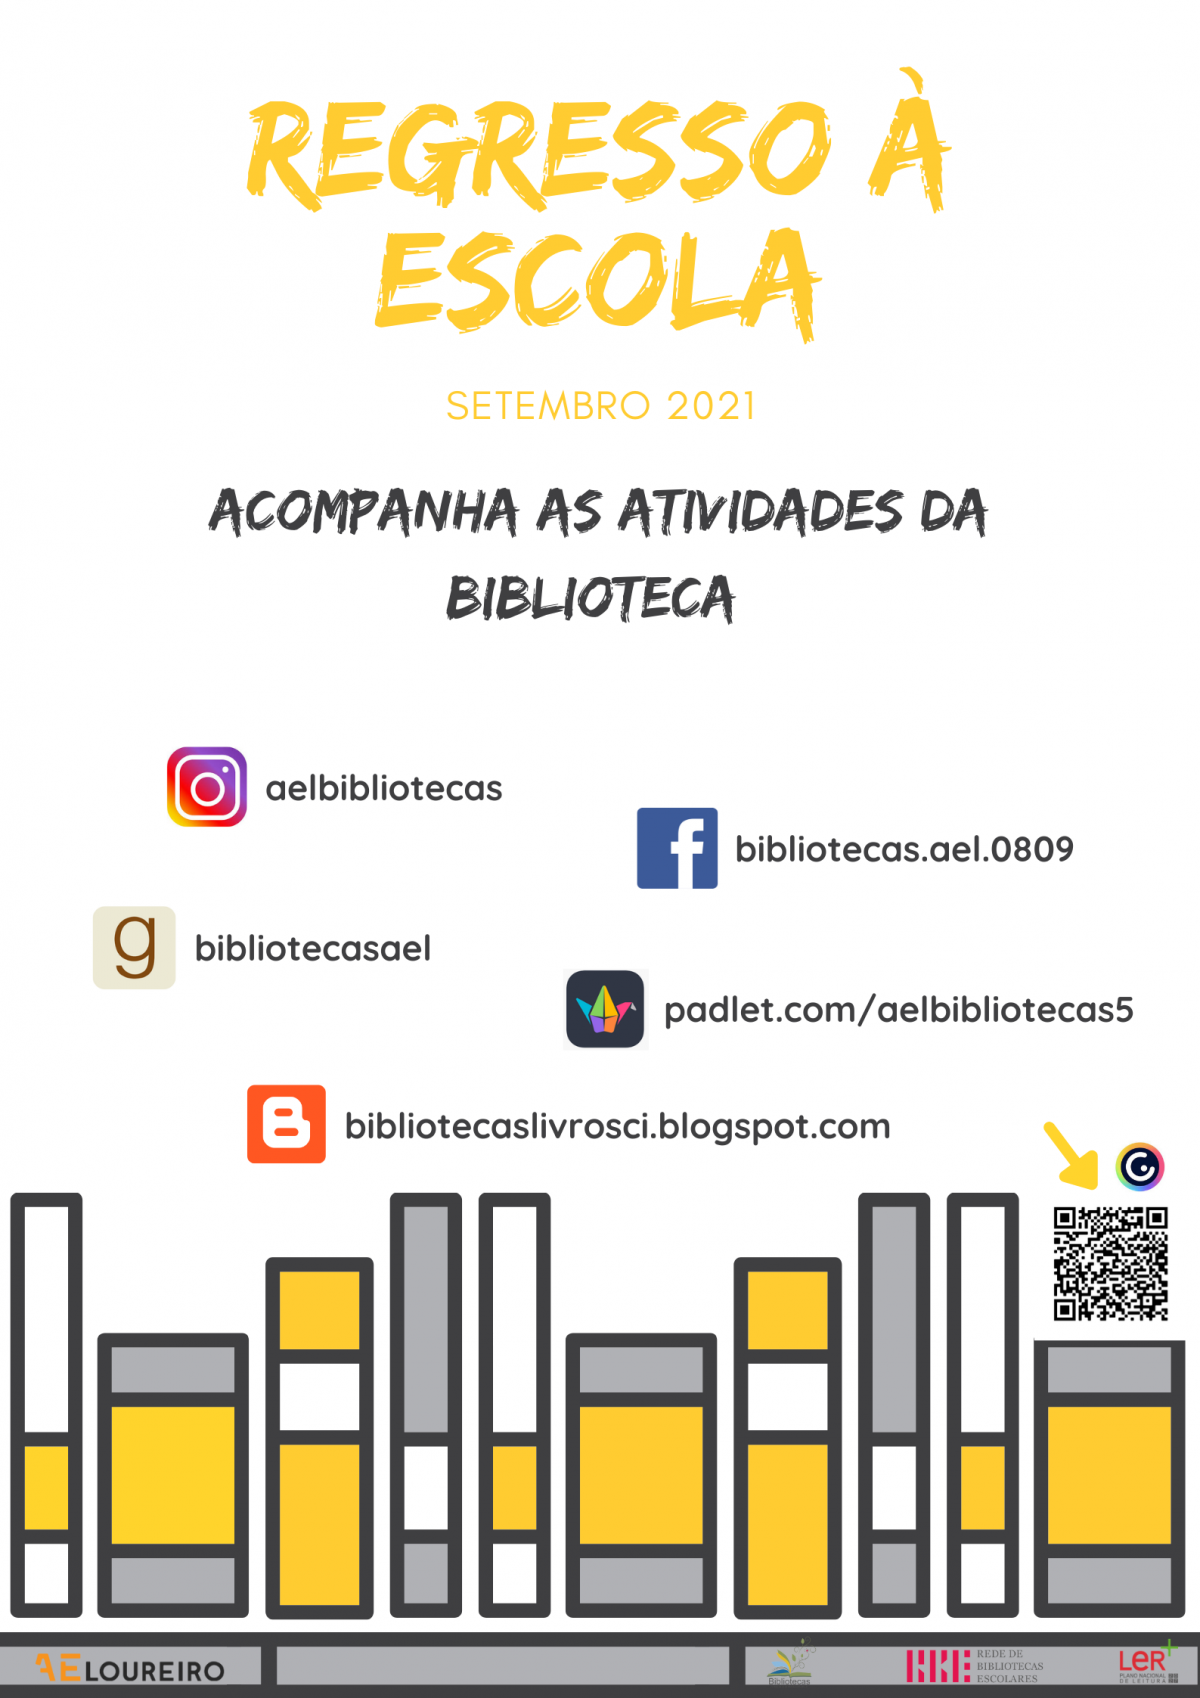 REGRESSO À ESCOLA - BIBLIOTECA